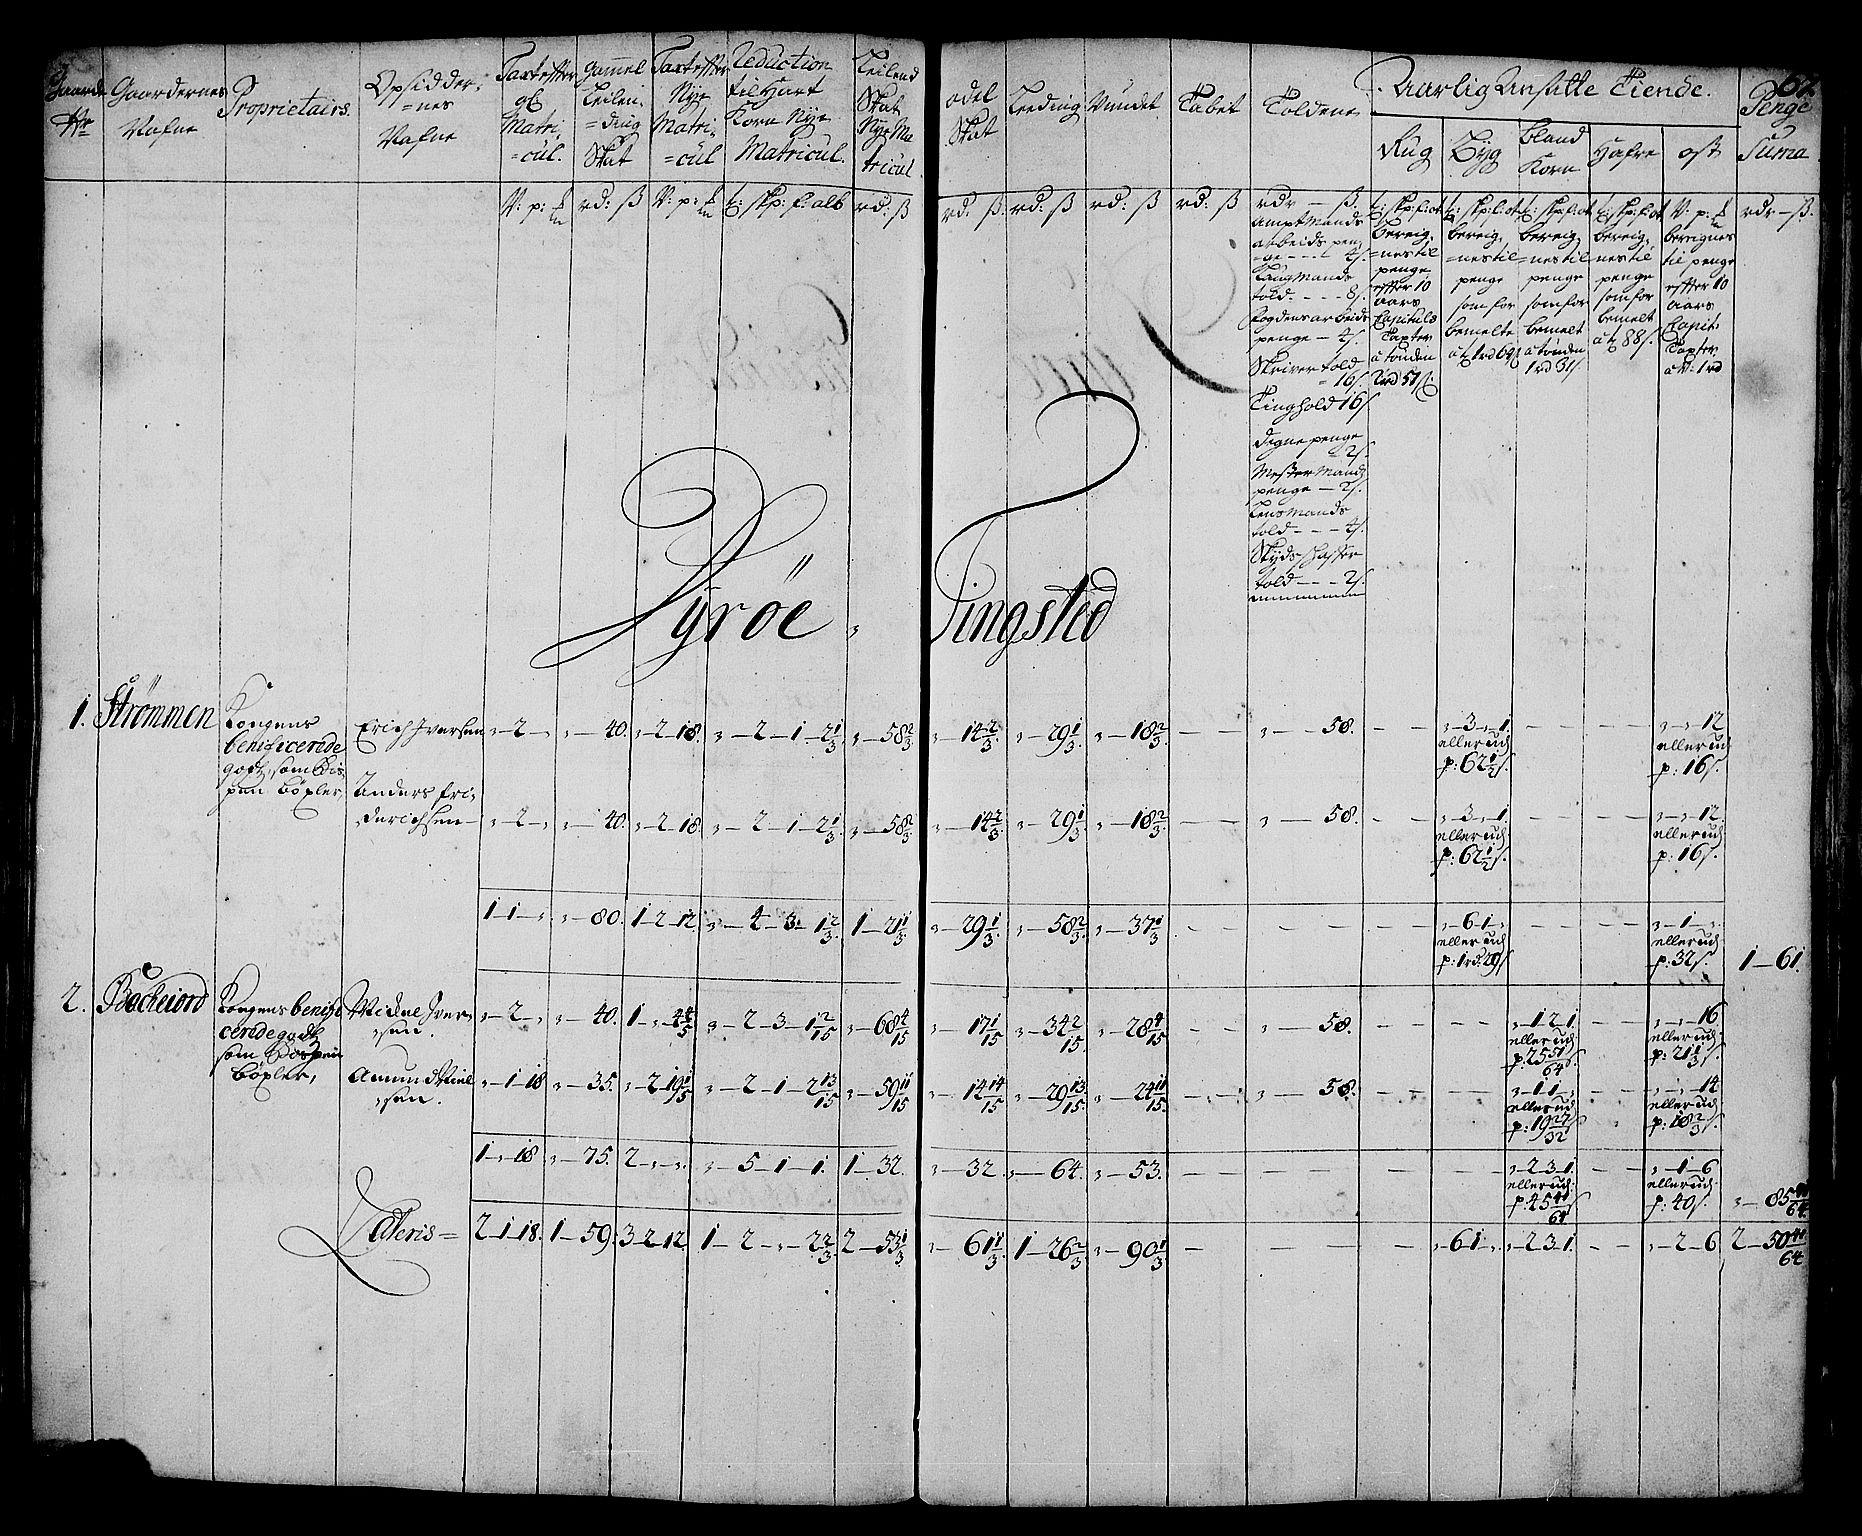 RA, Rentekammeret inntil 1814, Realistisk ordnet avdeling, N/Nb/Nbf/L0179: Senja matrikkelprotokoll, 1723, s. 66b-67a